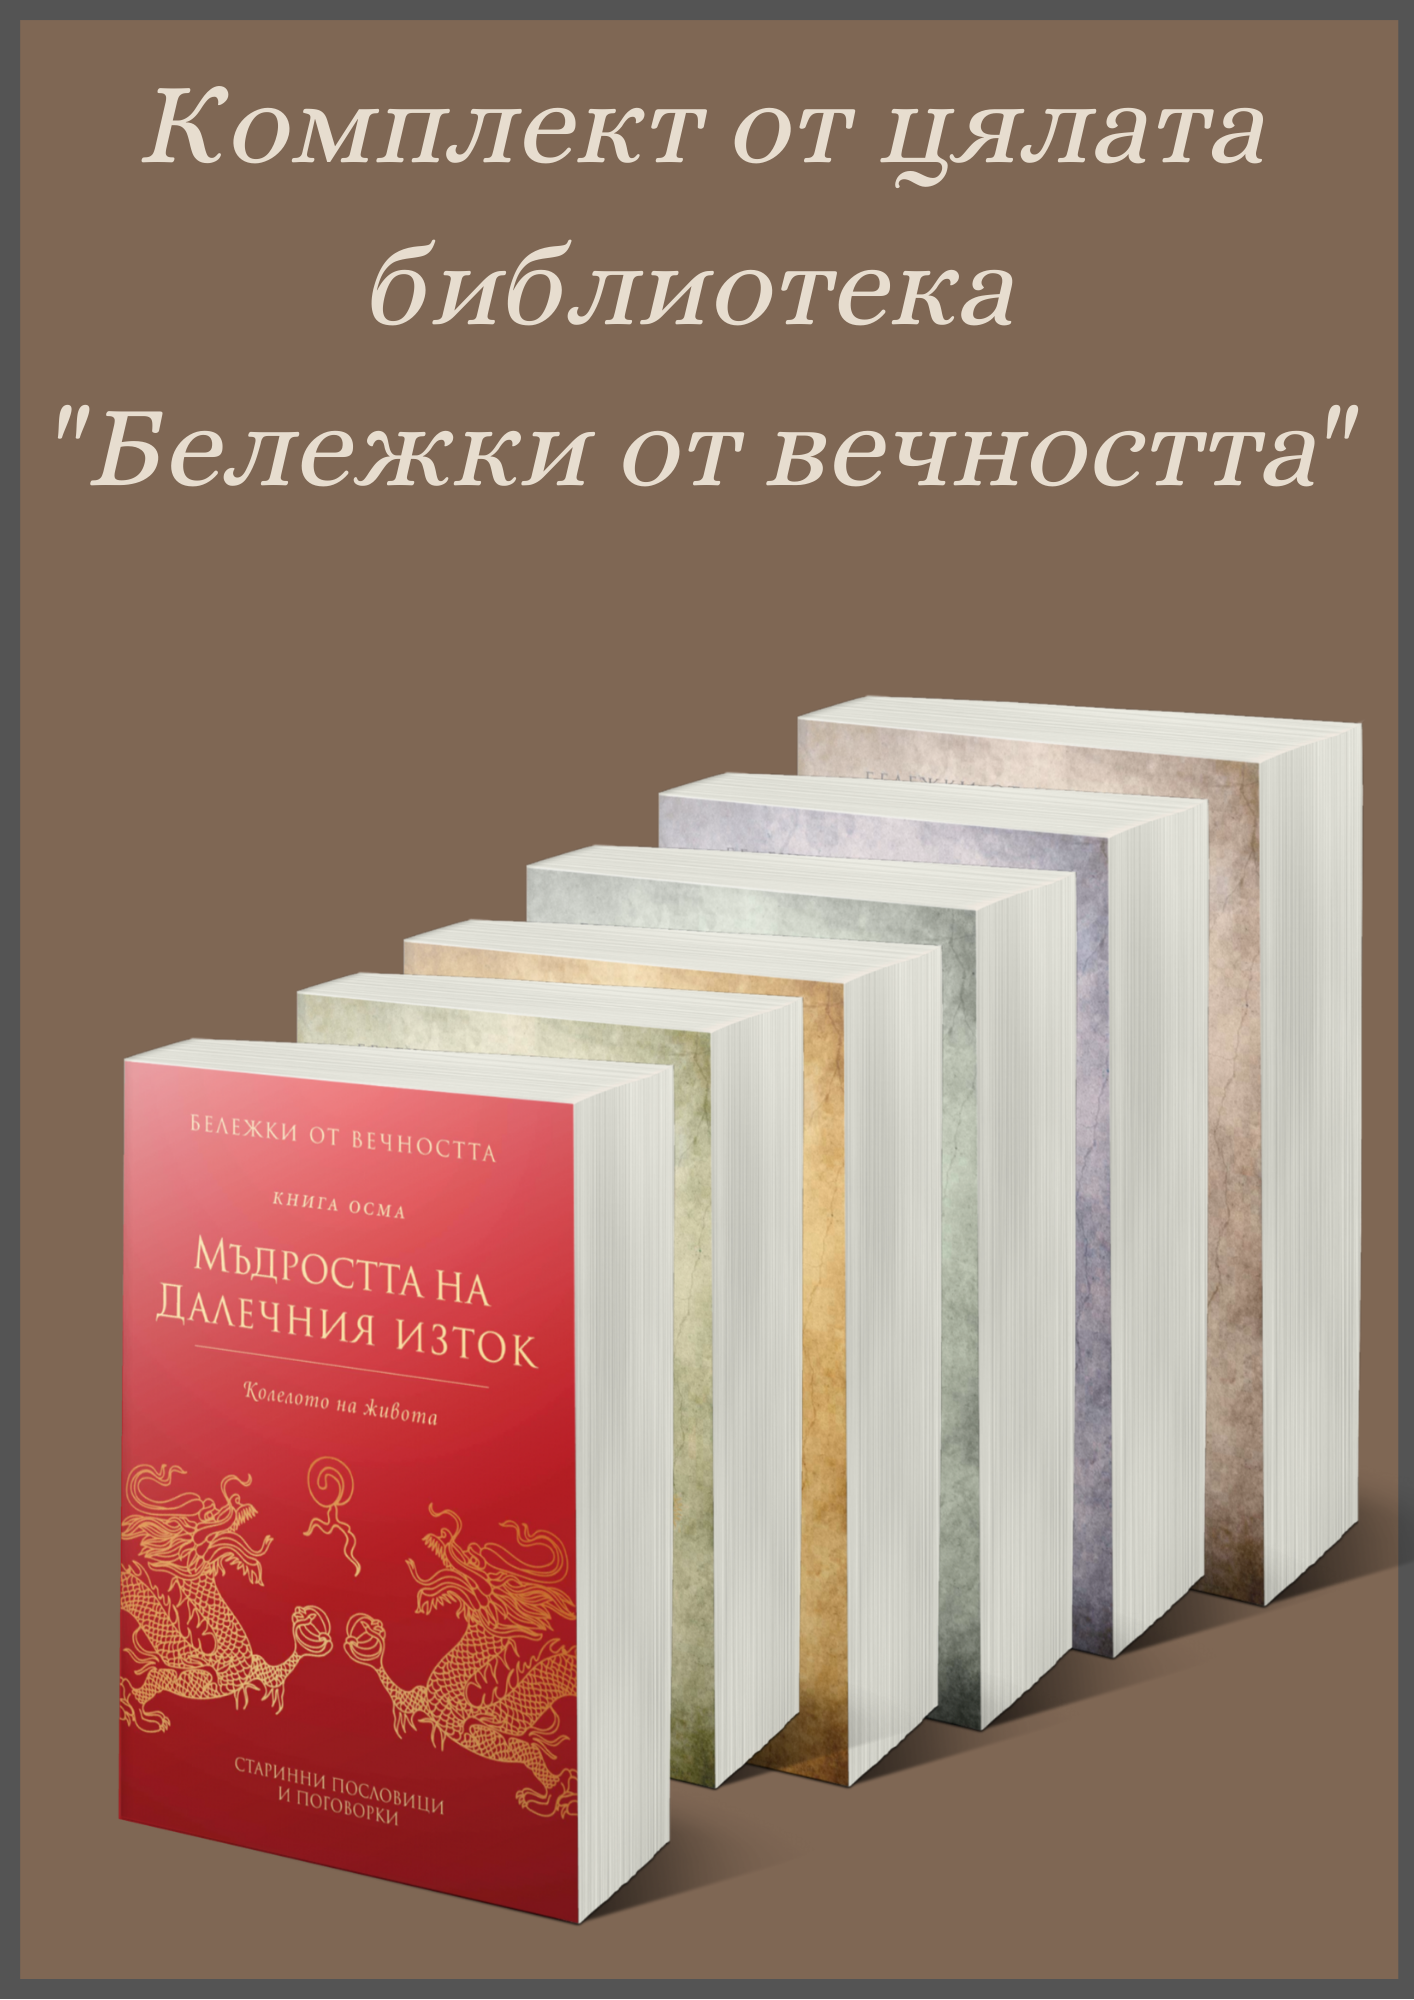 """Комплект от цялата библиотека """"Бележки от вечността"""""""